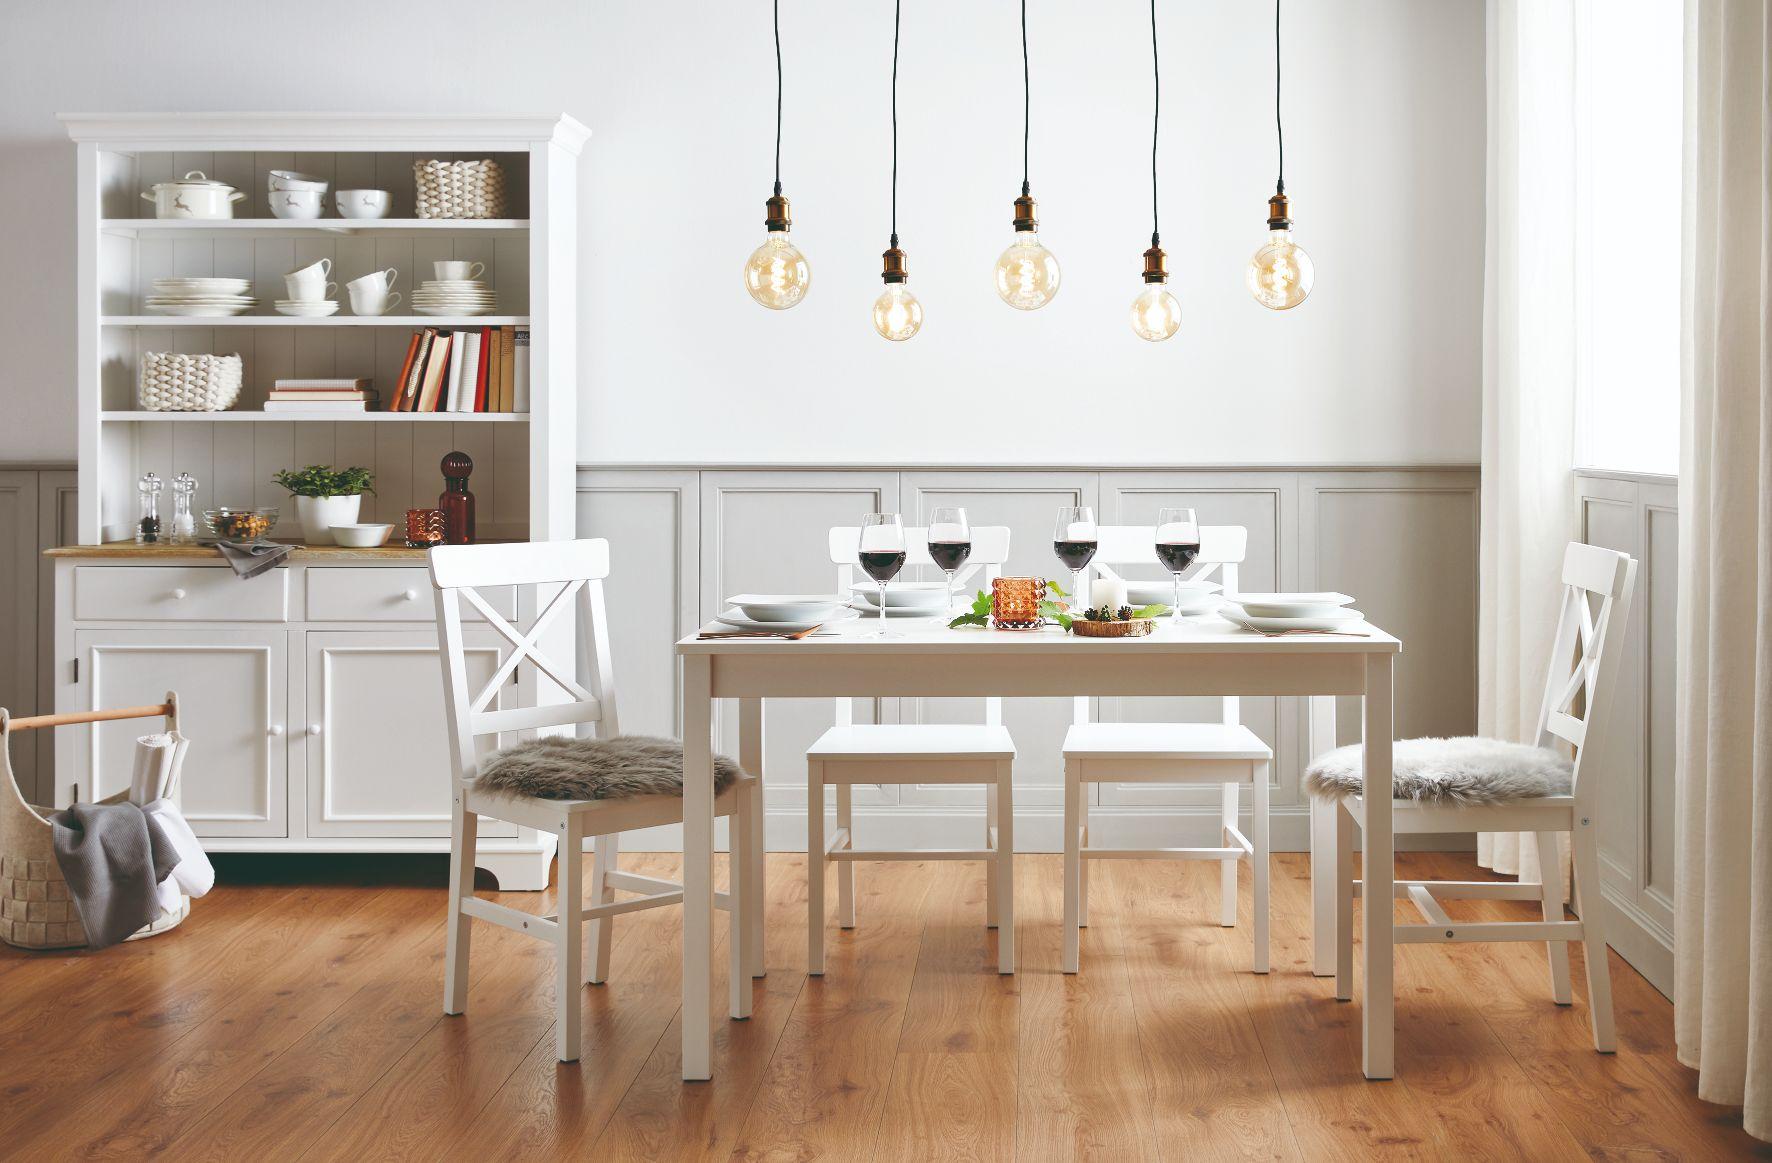 Séria nábytku Anouk je kombináciou škandinávskeho a vidieckého štýlu